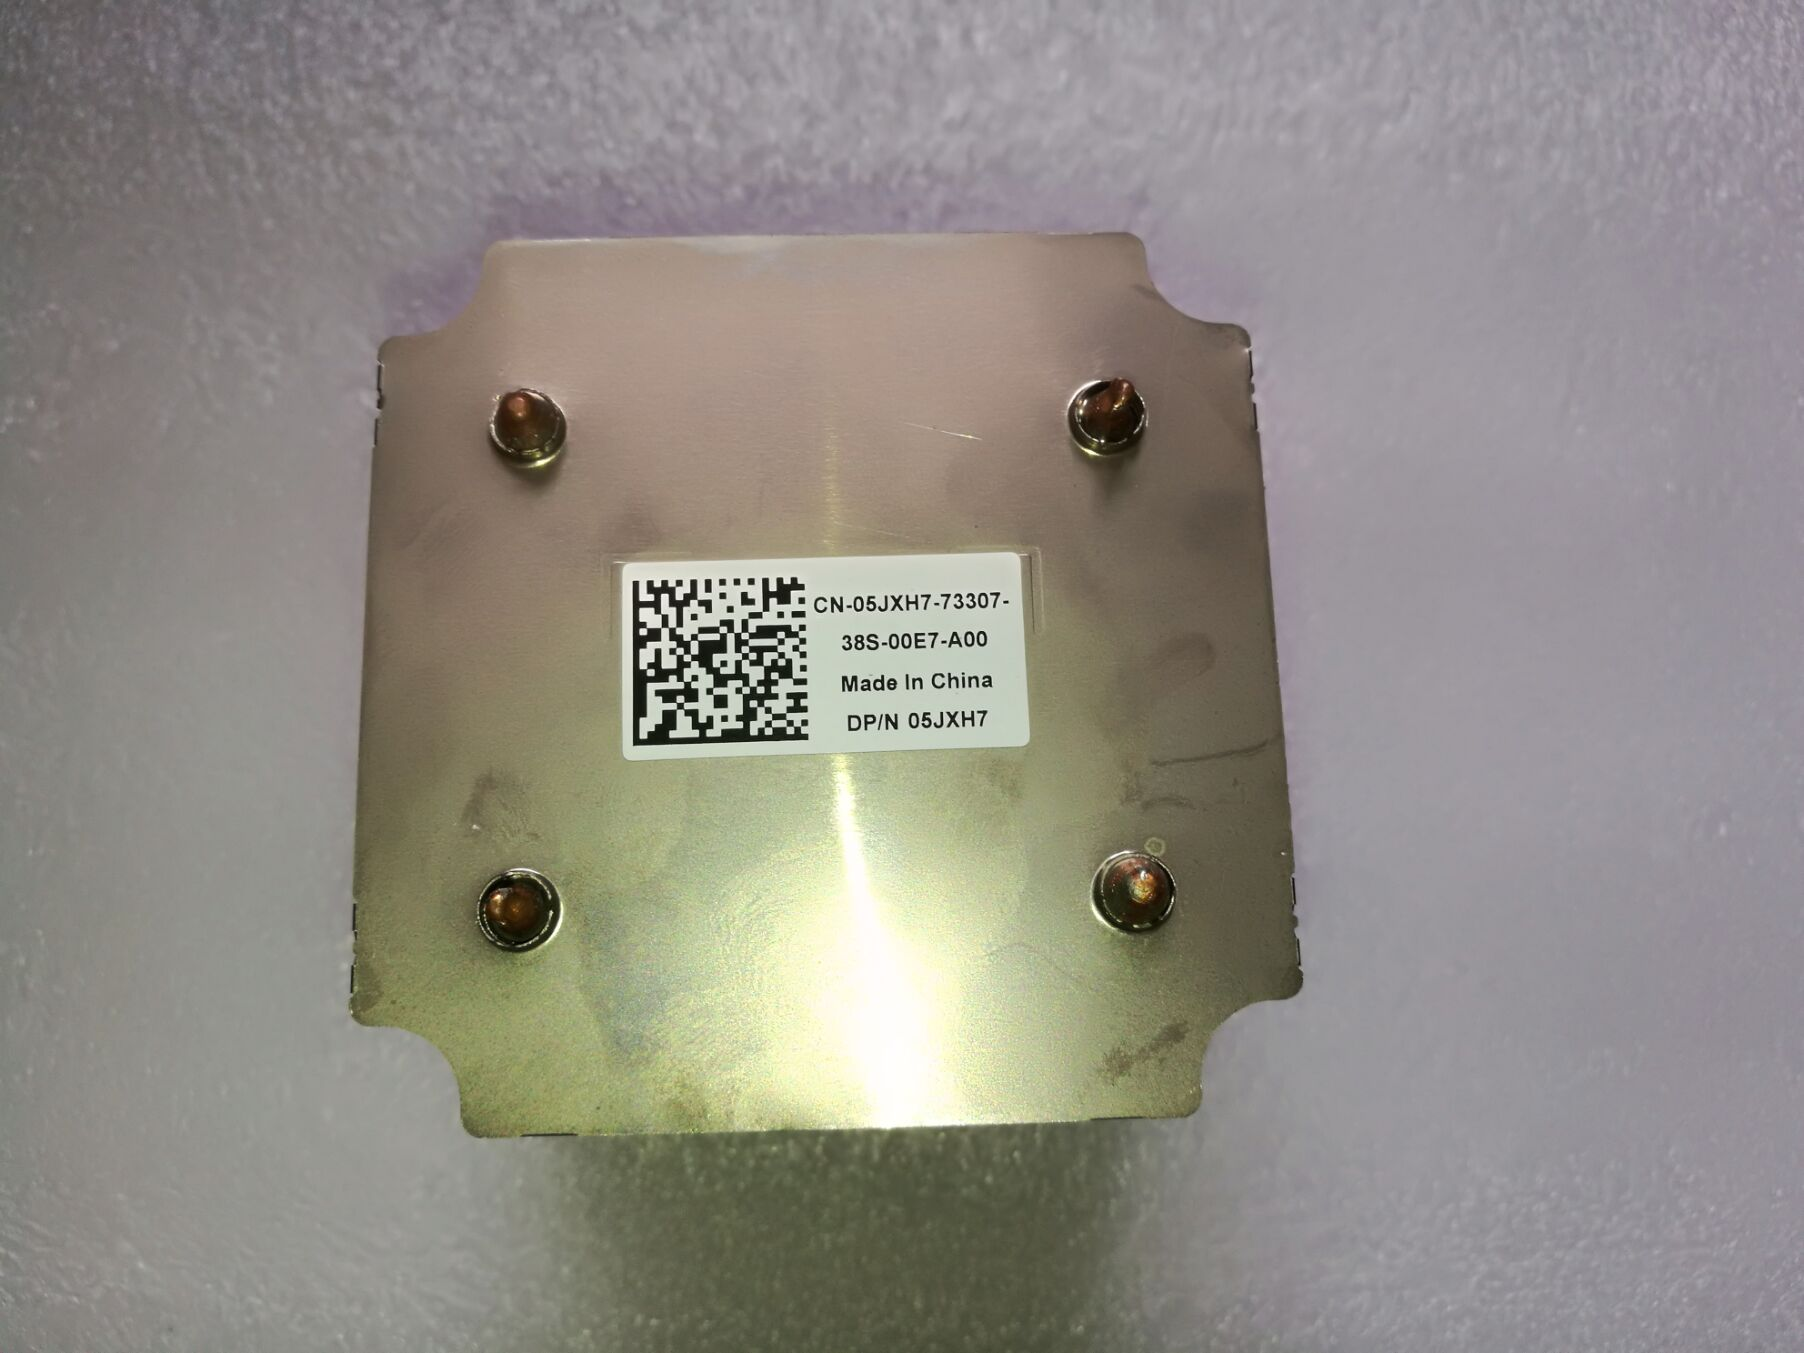 5JXH7 05JXH7 Heatsink FOR DELL POWEREDGE T320 / T420 Heat Sink Original